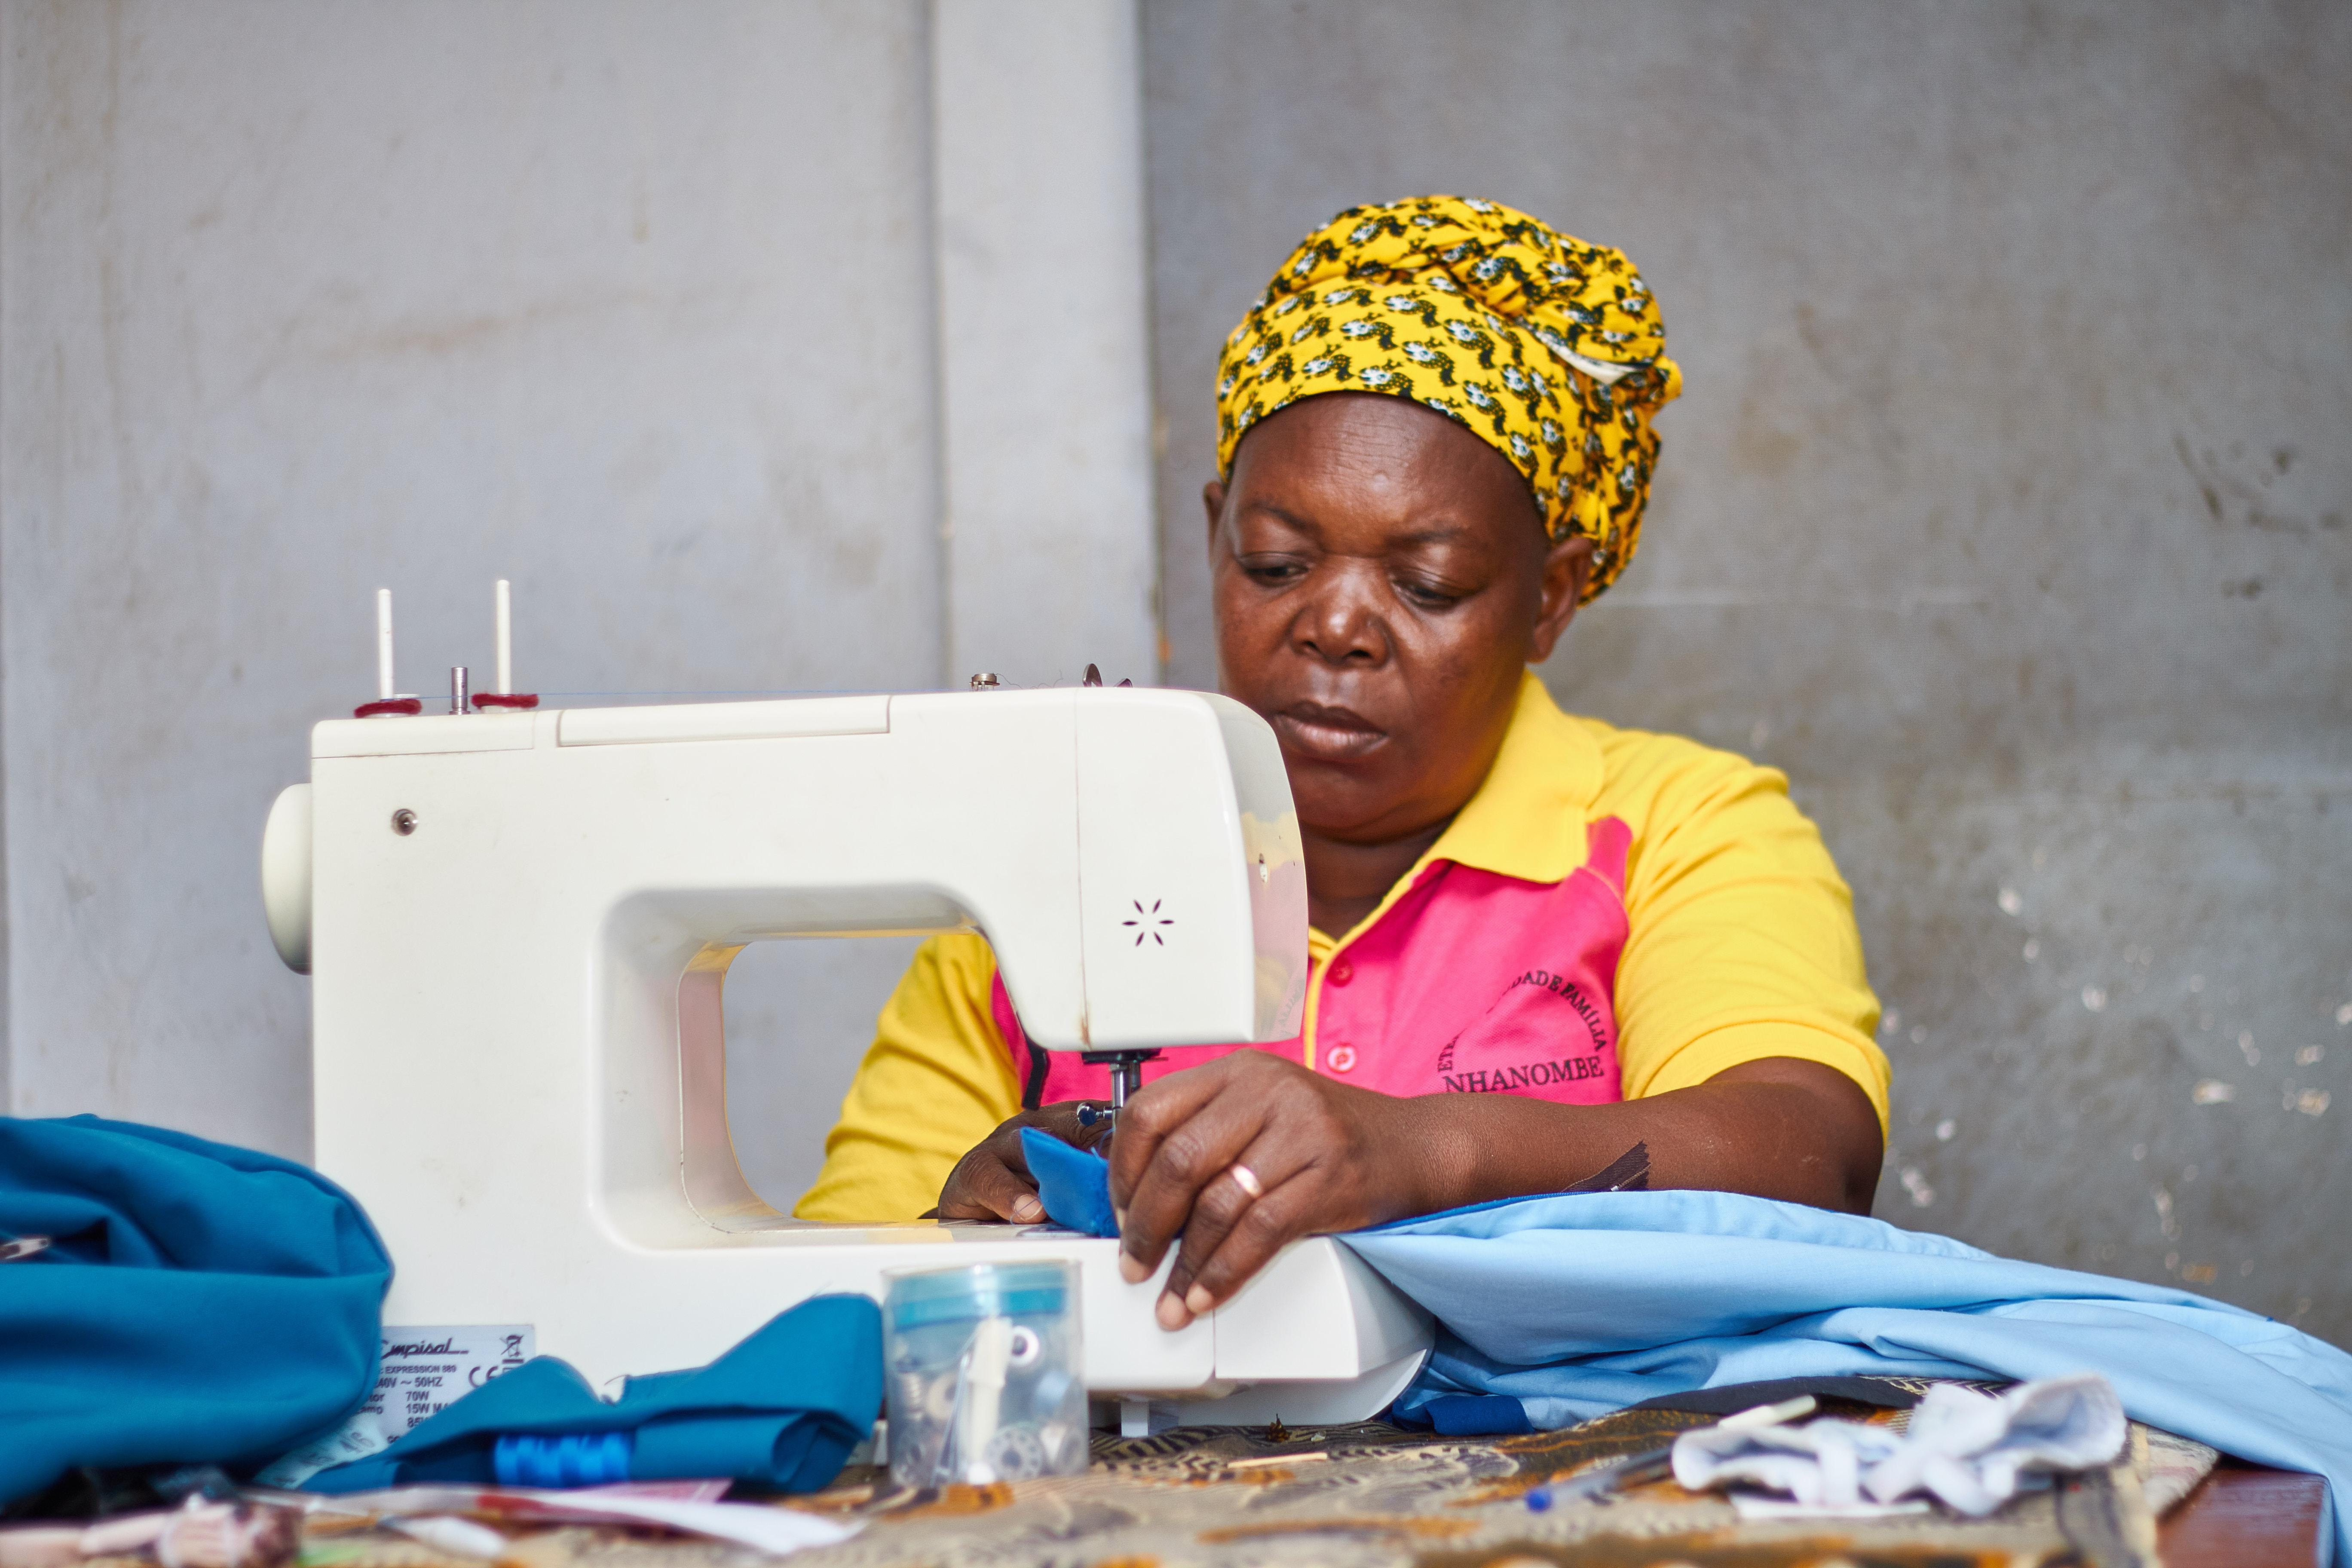 A modista Gilda Floriana Pale, em pleno exercício da sua atividade no Chicuque, Moçambique. Foto de Antônio Wilson.